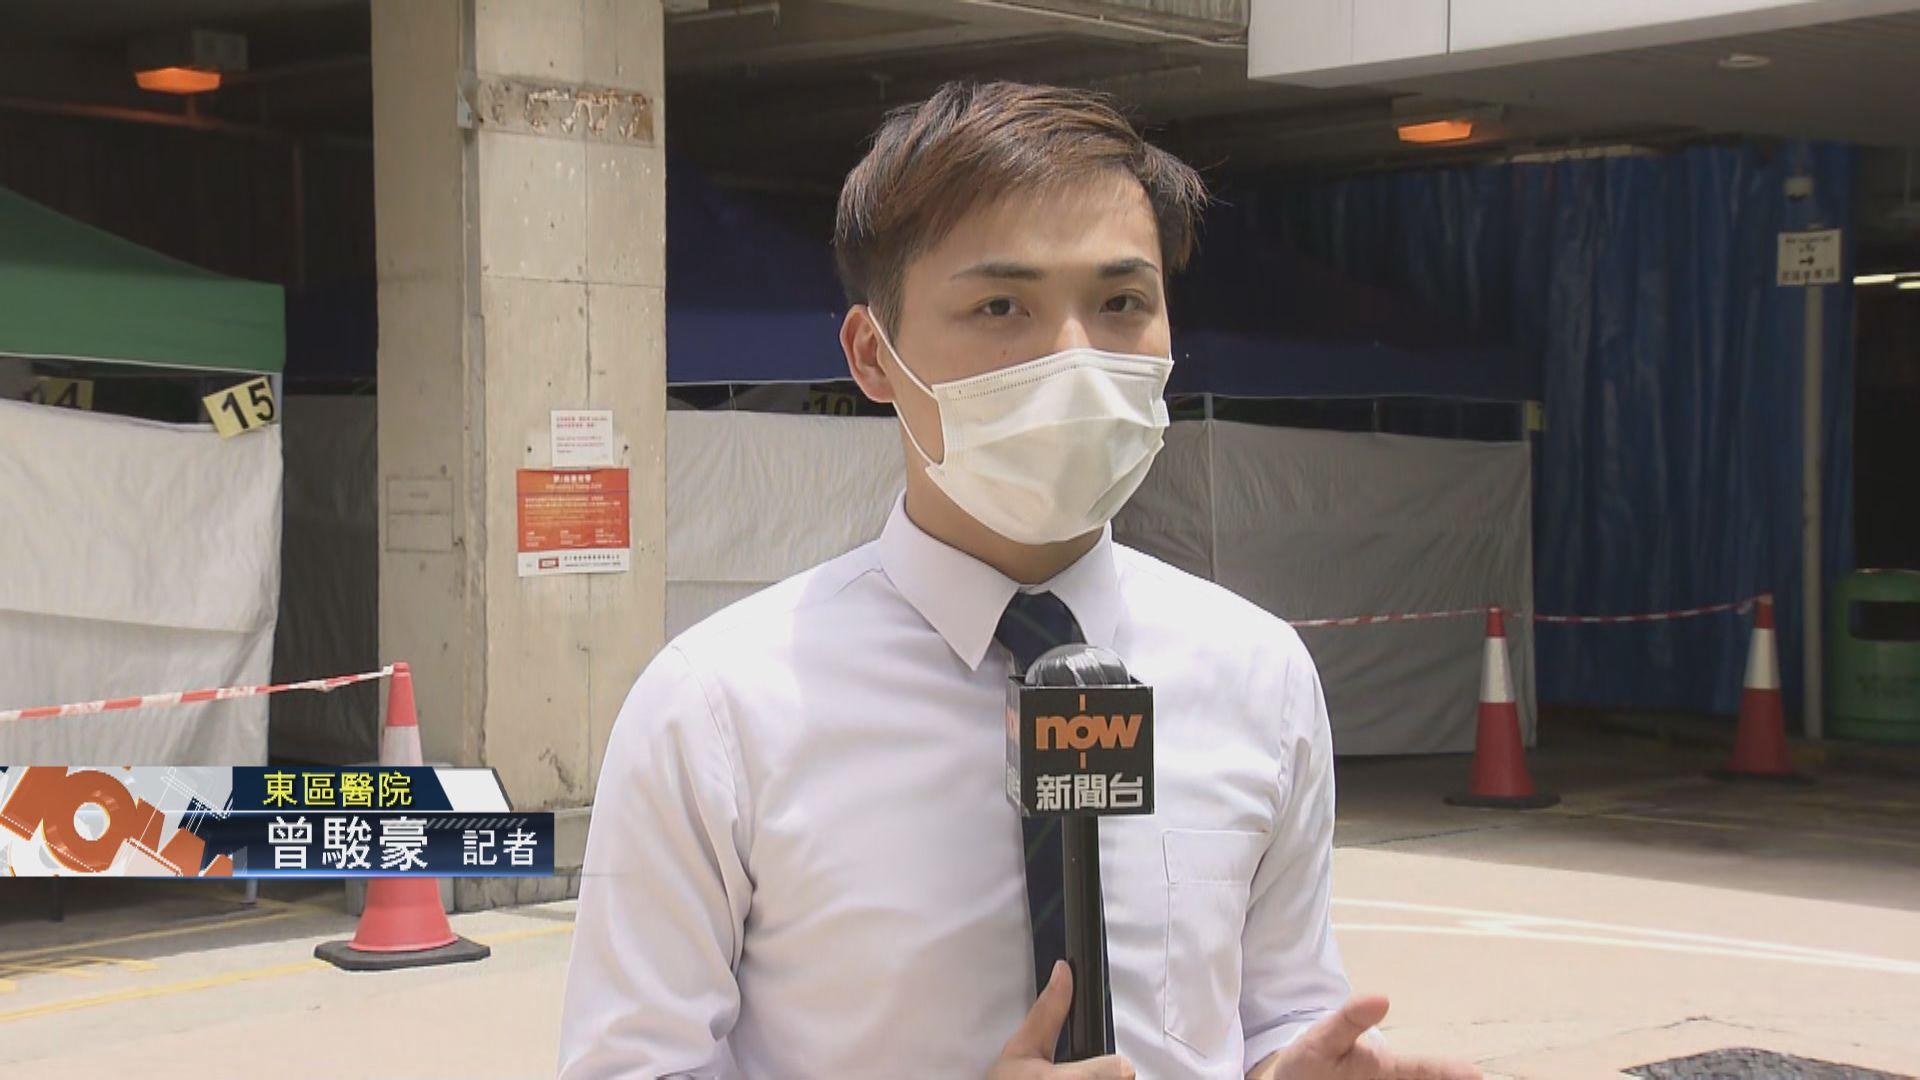 【現場報道】有東區醫院醫護在分流站等候新冠病毒檢測結果